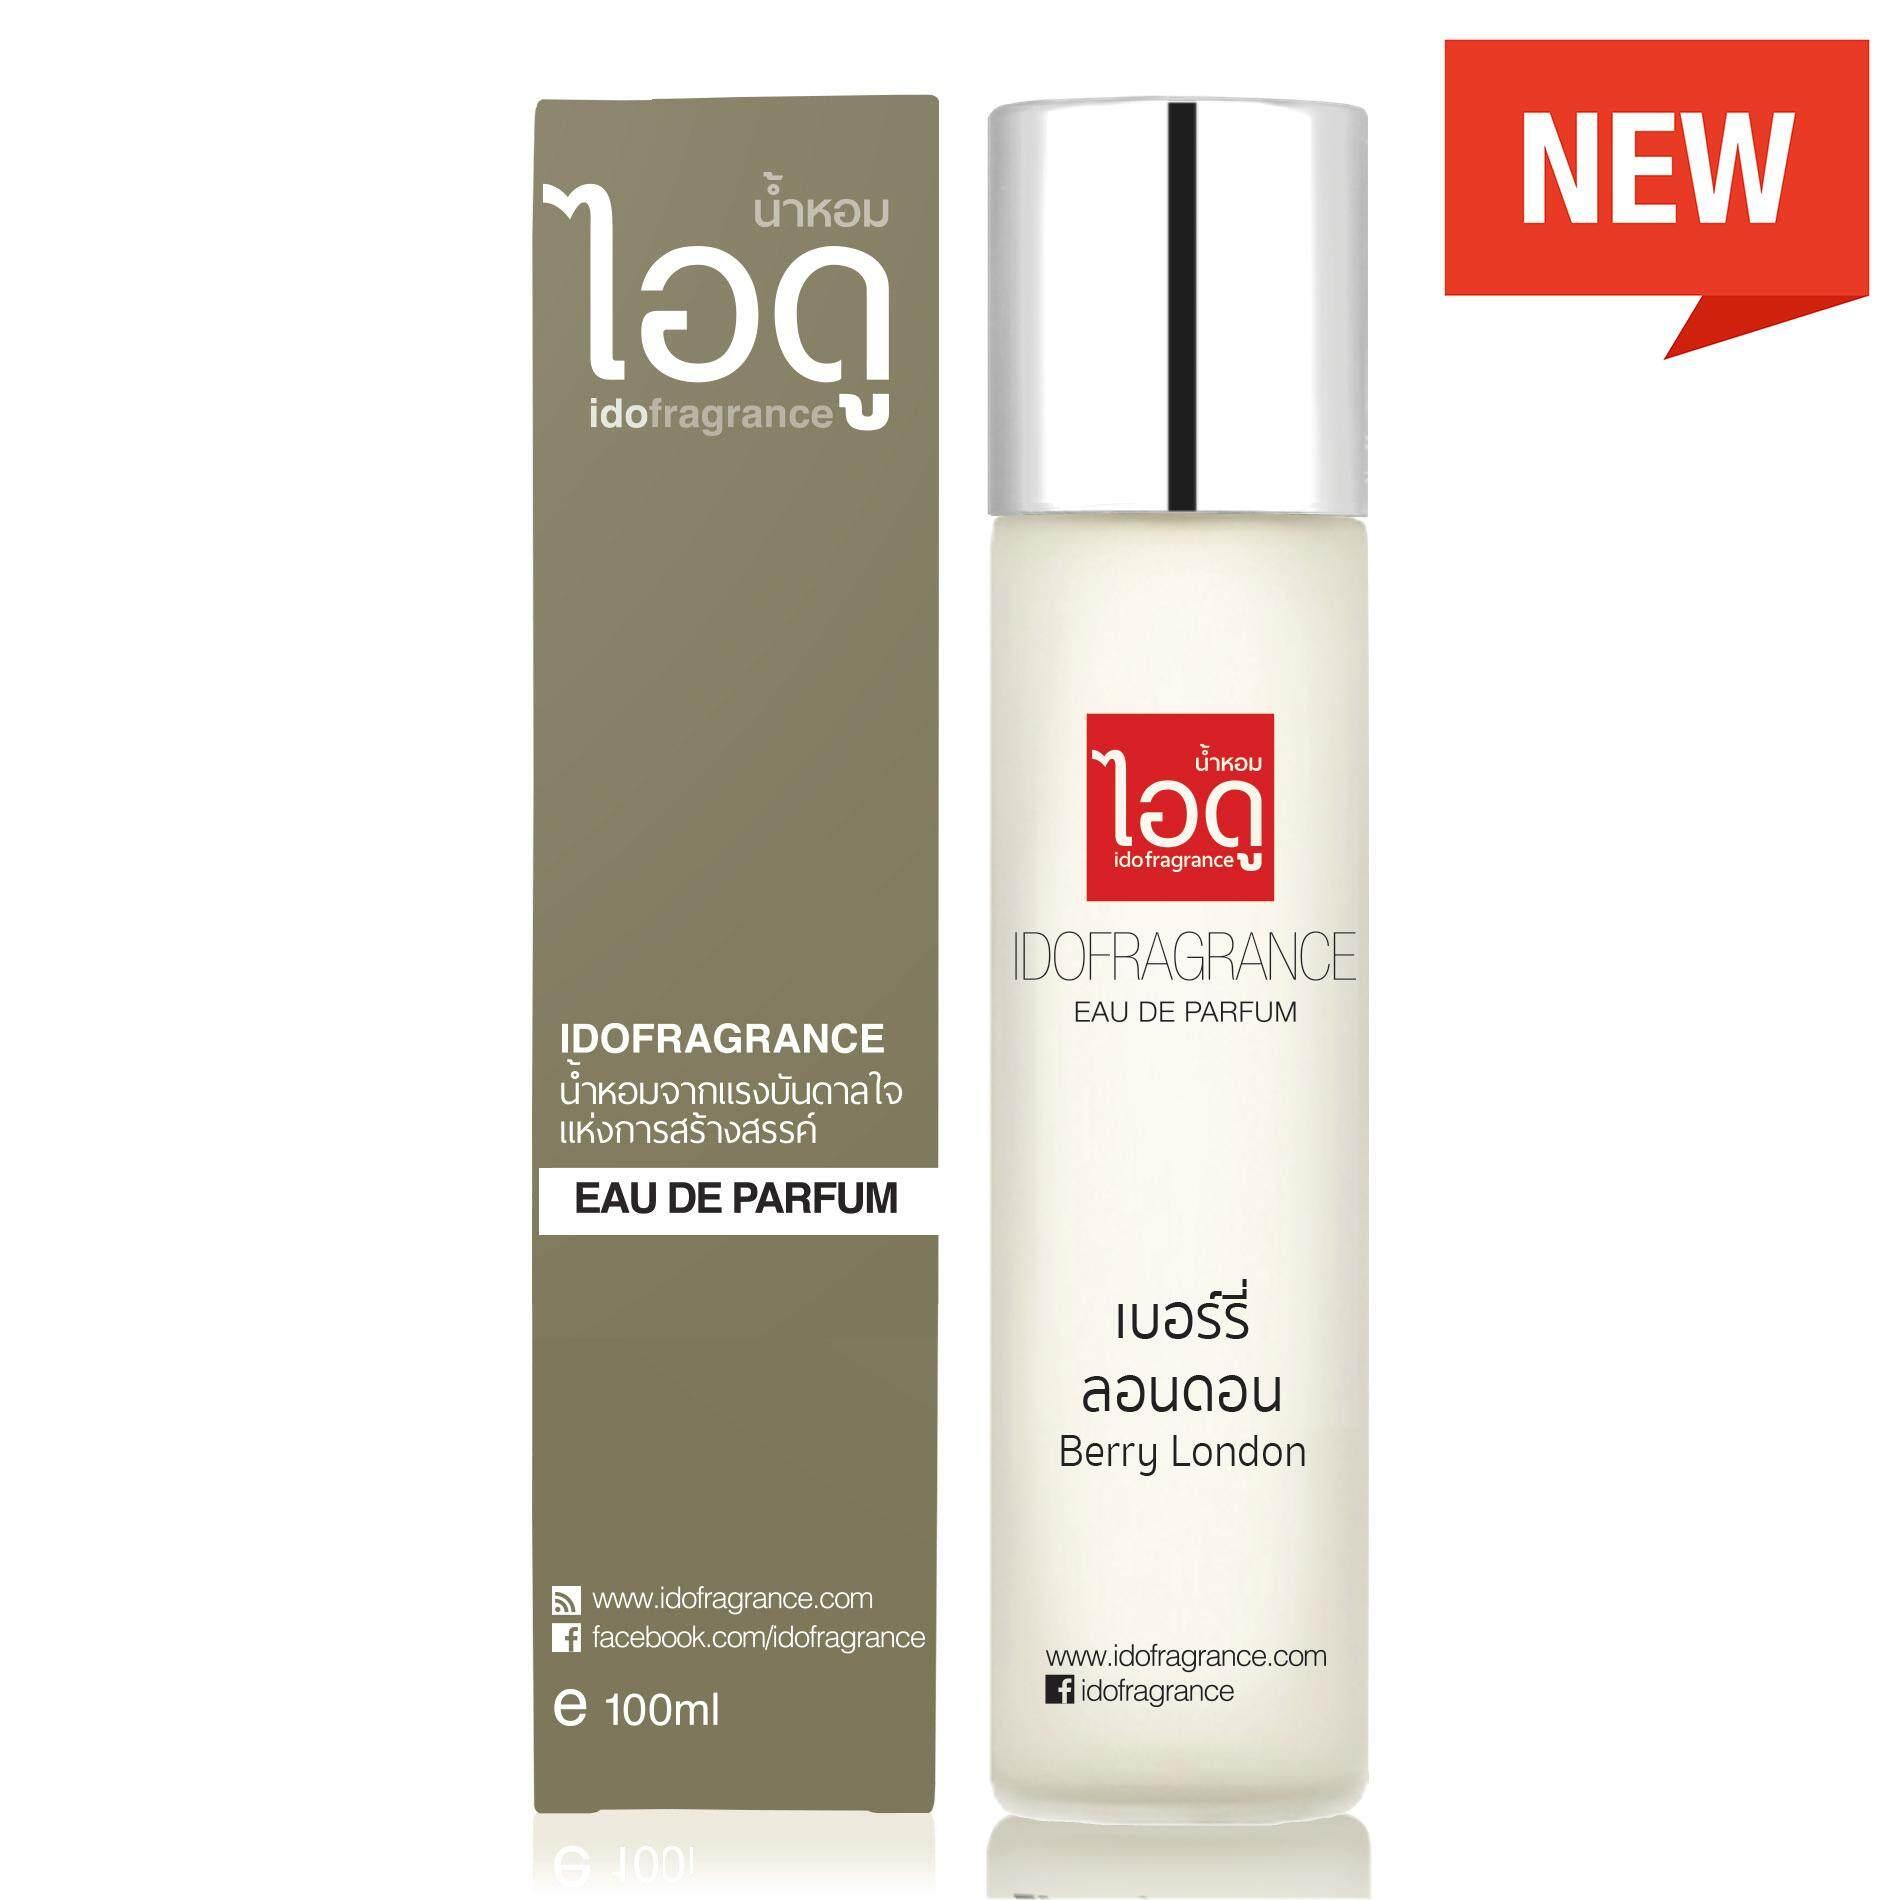 ราคา ไอดู น้ำหอม กลิ่นเบอร์รี ลอนดอน Berry London Eau De Parfum 100Ml By Ido Ido เป็นต้นฉบับ